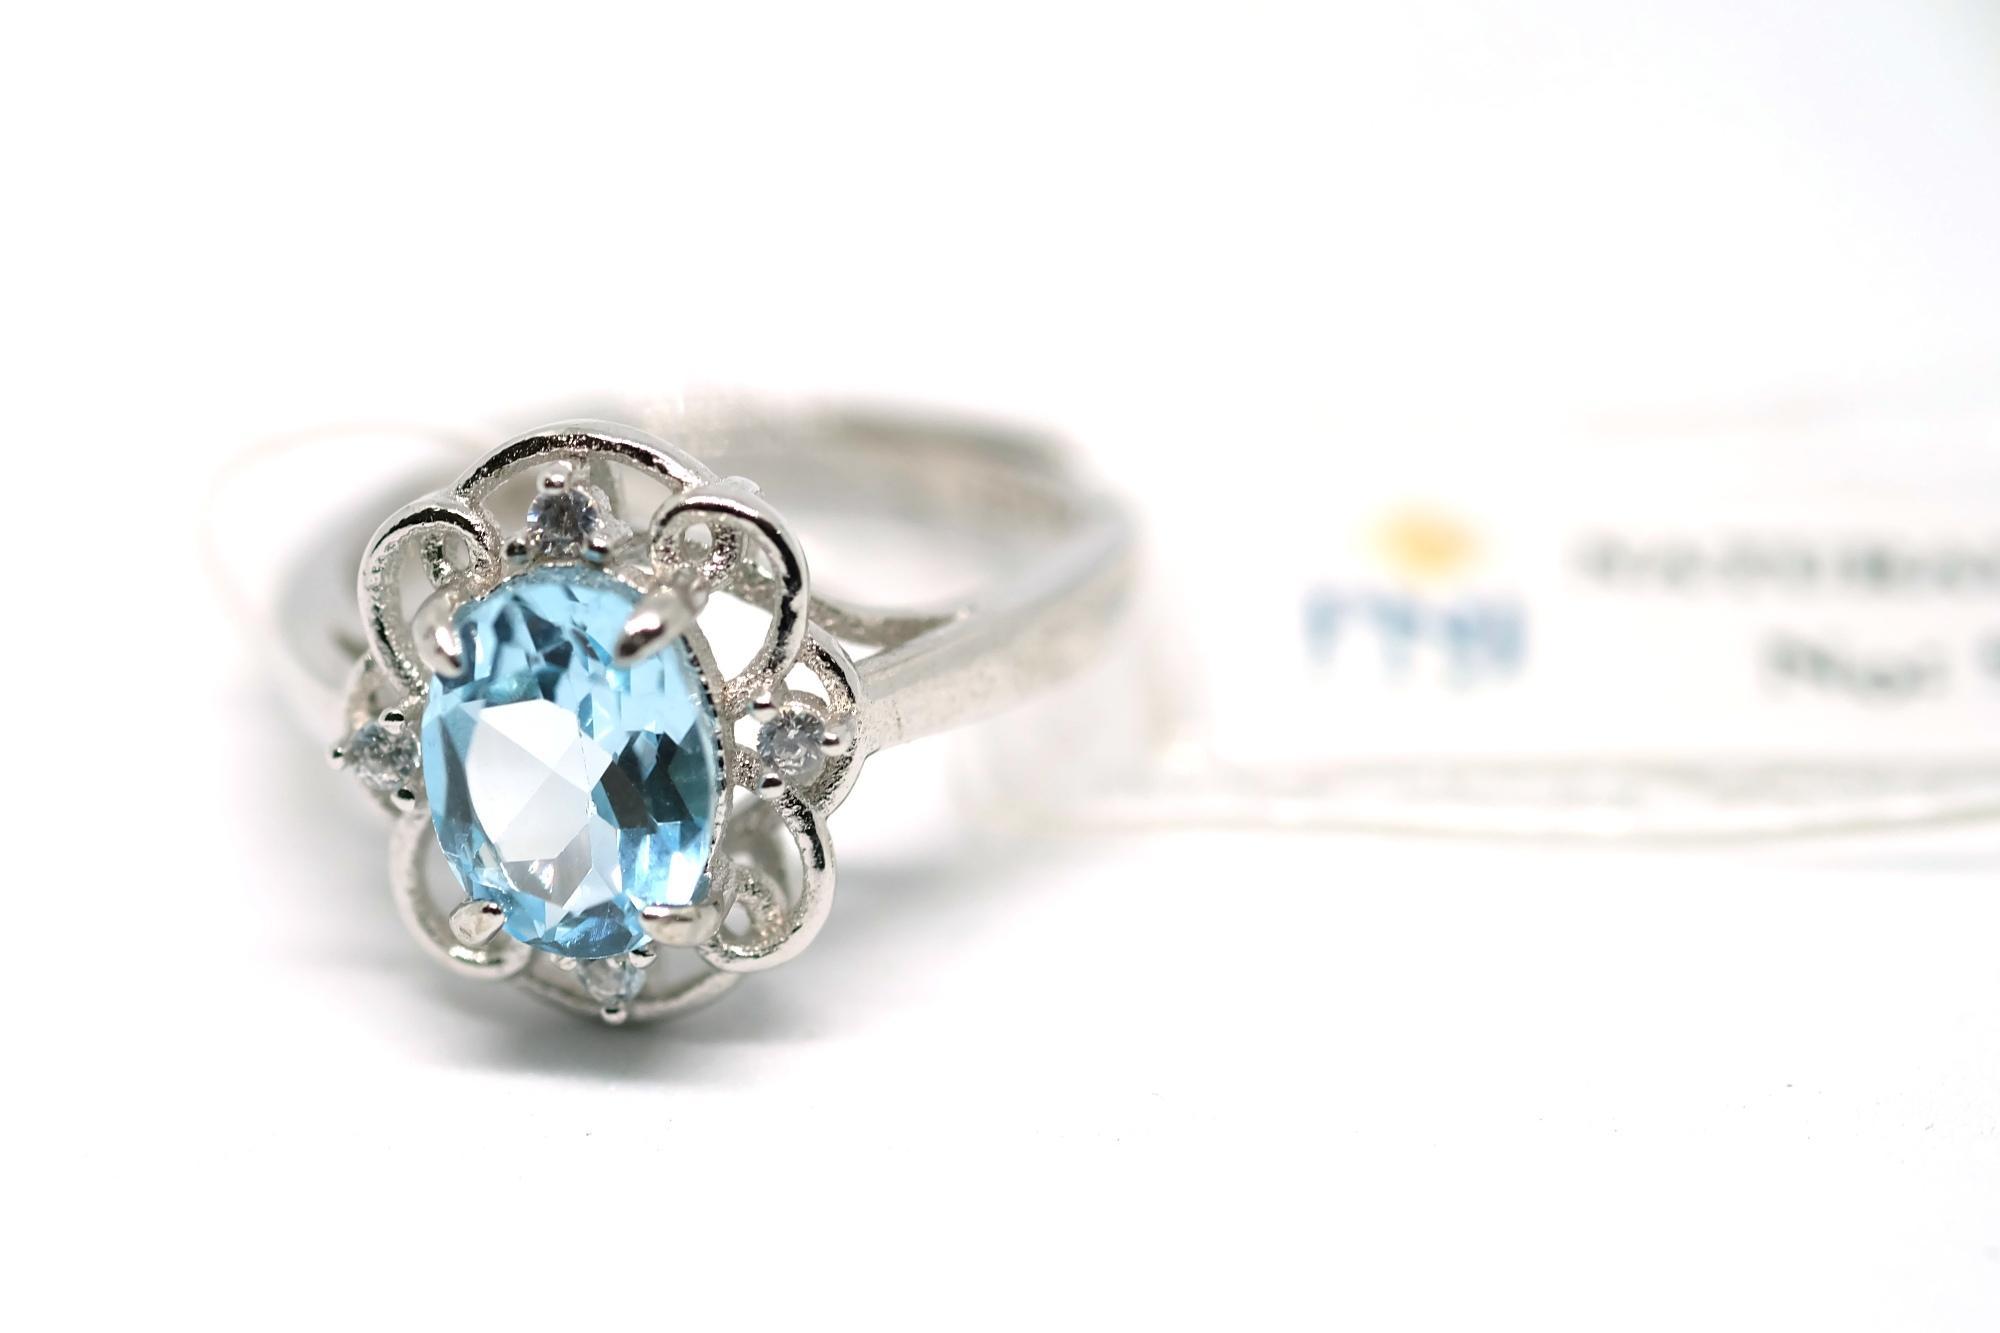 Nhẫn bạc 925 đính đá Topaz thiên nhiên kiểm định PNJ 99403